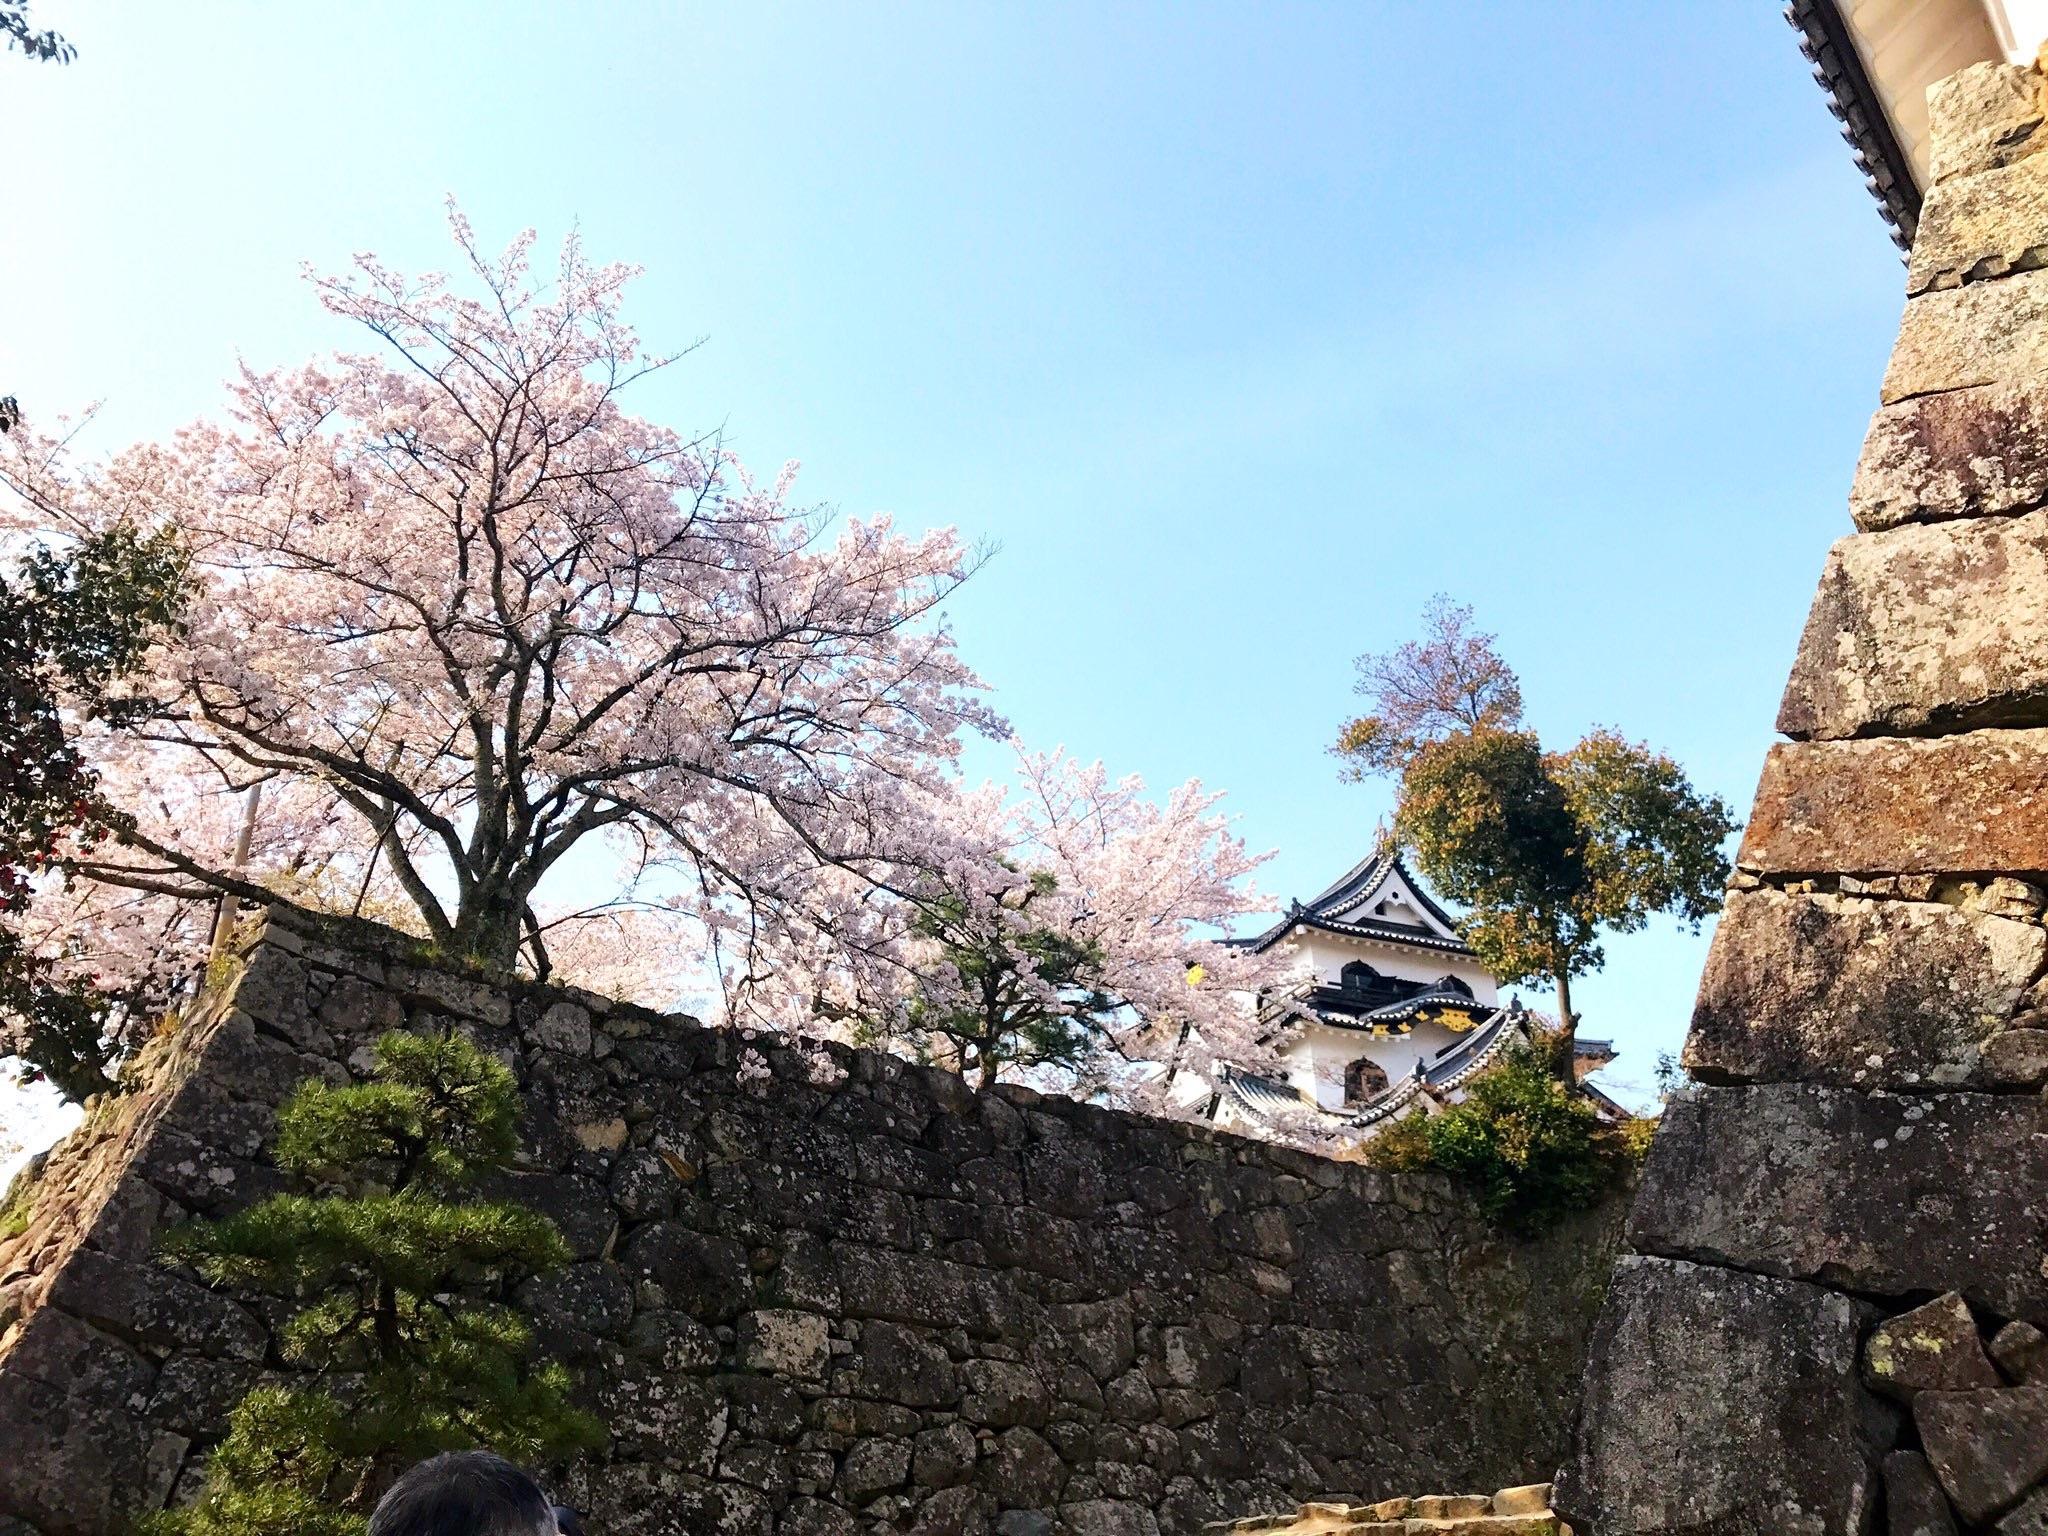 桜に包まれる彦根城天守閣